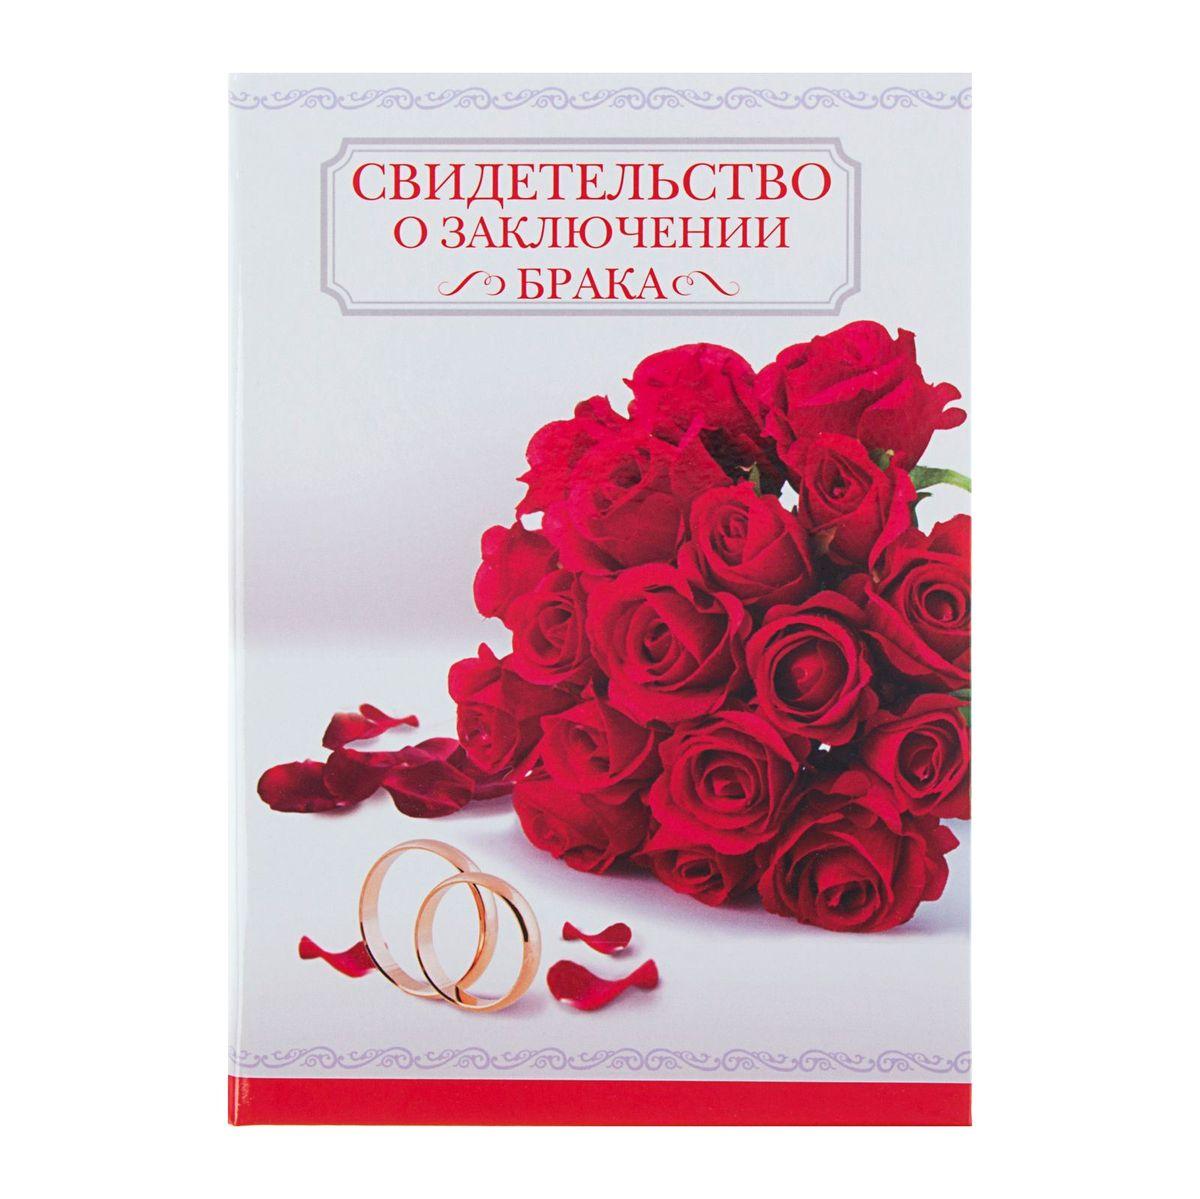 Sima-land Папка под свидетельство о заключении брака Красные розы, 14,2х20,5 см.1259968Для молодоженов такая папка незаменима, если они хотят сохранить столь важный документ в первозданном виде на долгое время. Эксклюзивный дизайн обложки придаст торжественности и создаст отличное настроение новобрачным. Эта папка отлично подойдет, если вы готовитесь к собственному торжеству, также ее можно приобрести в подарок.